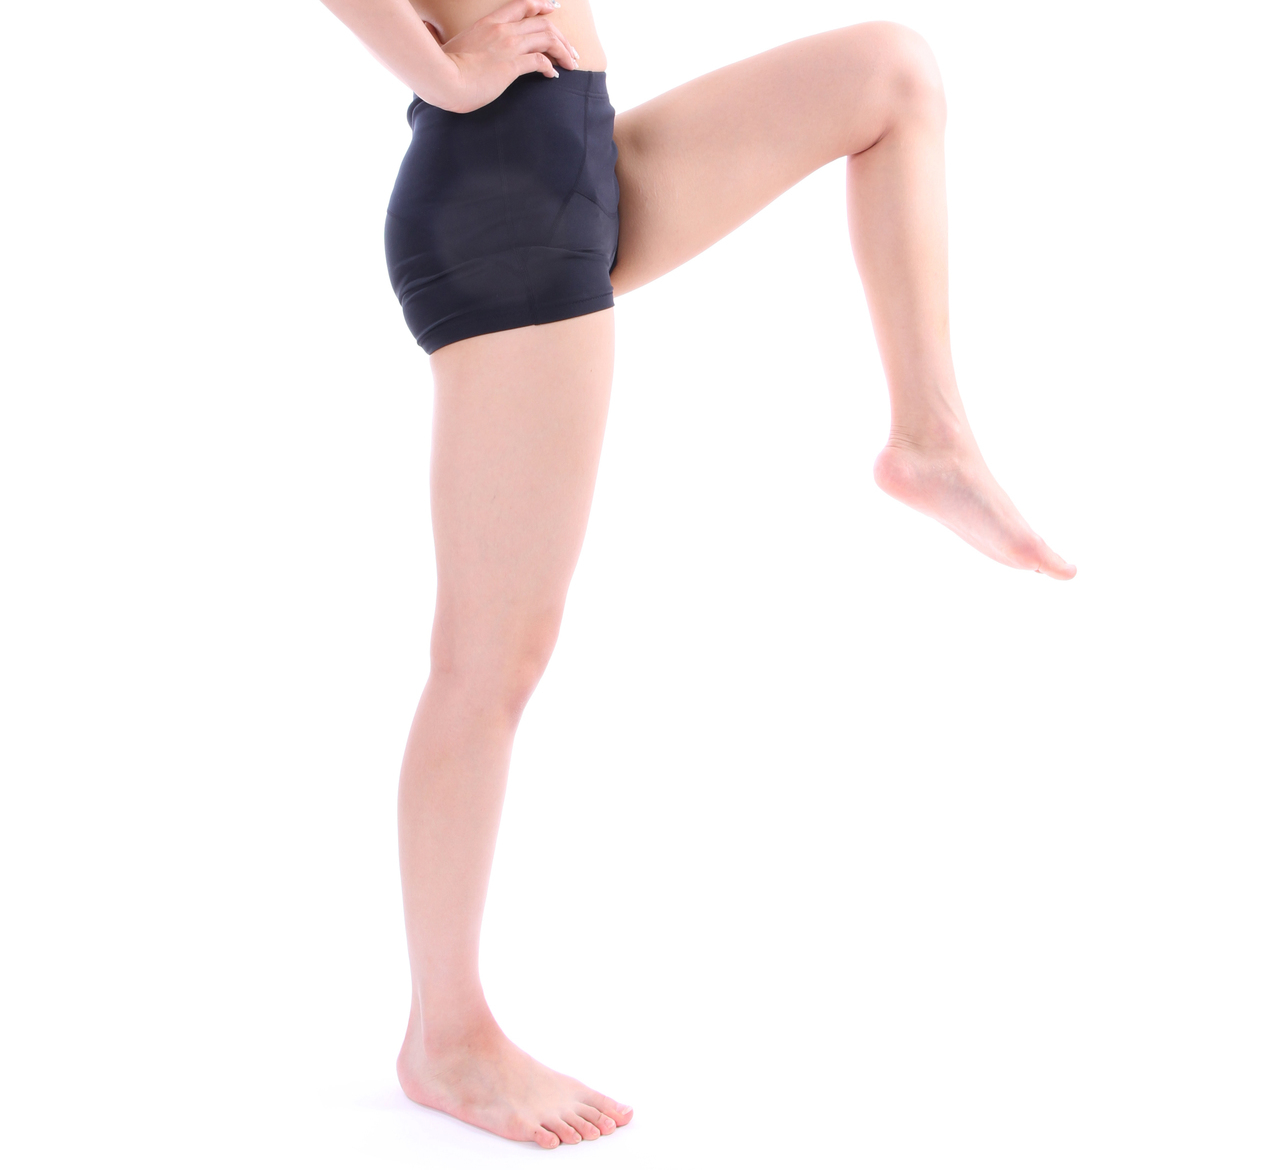 妊娠中におすすめの運動